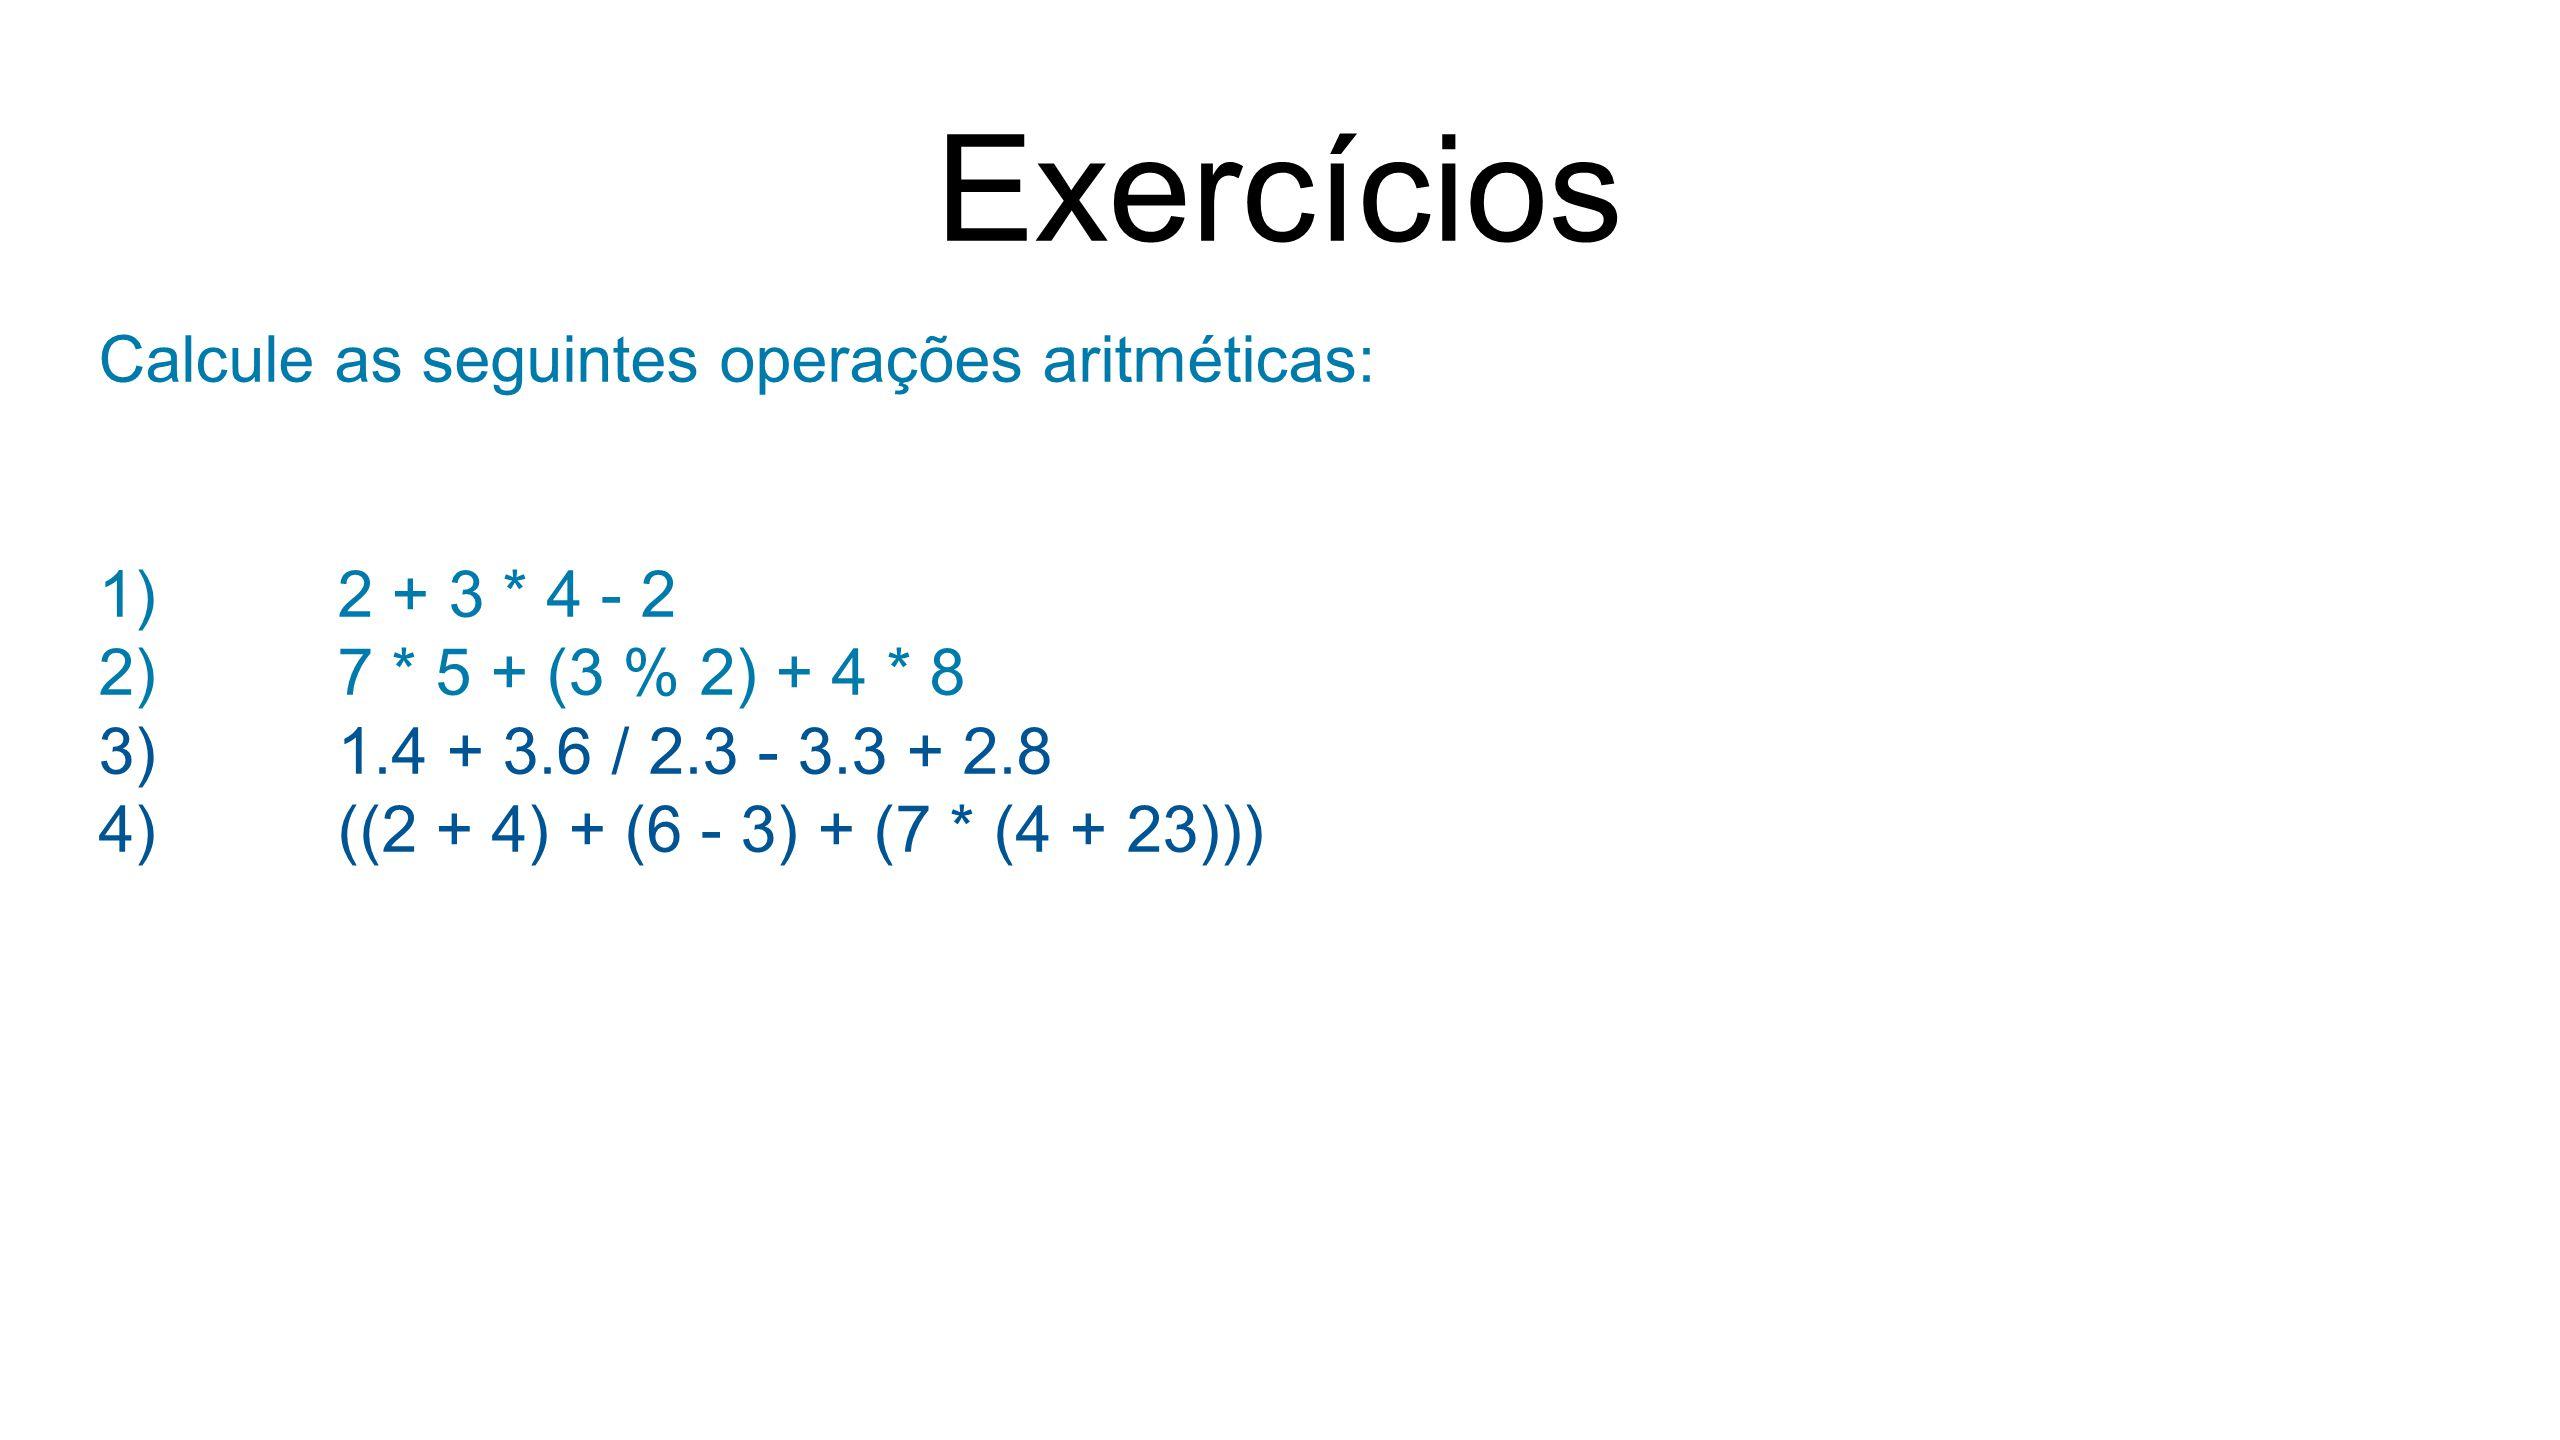 Exercícios Calcule as seguintes operações aritméticas: 1)2 + 3 * 4 - 2 2)7 * 5 + (3 % 2) + 4 * 8 3)1.4 + 3.6 / 2.3 - 3.3 + 2.8 4)((2 + 4) + (6 - 3) + (7 * (4 + 23)))